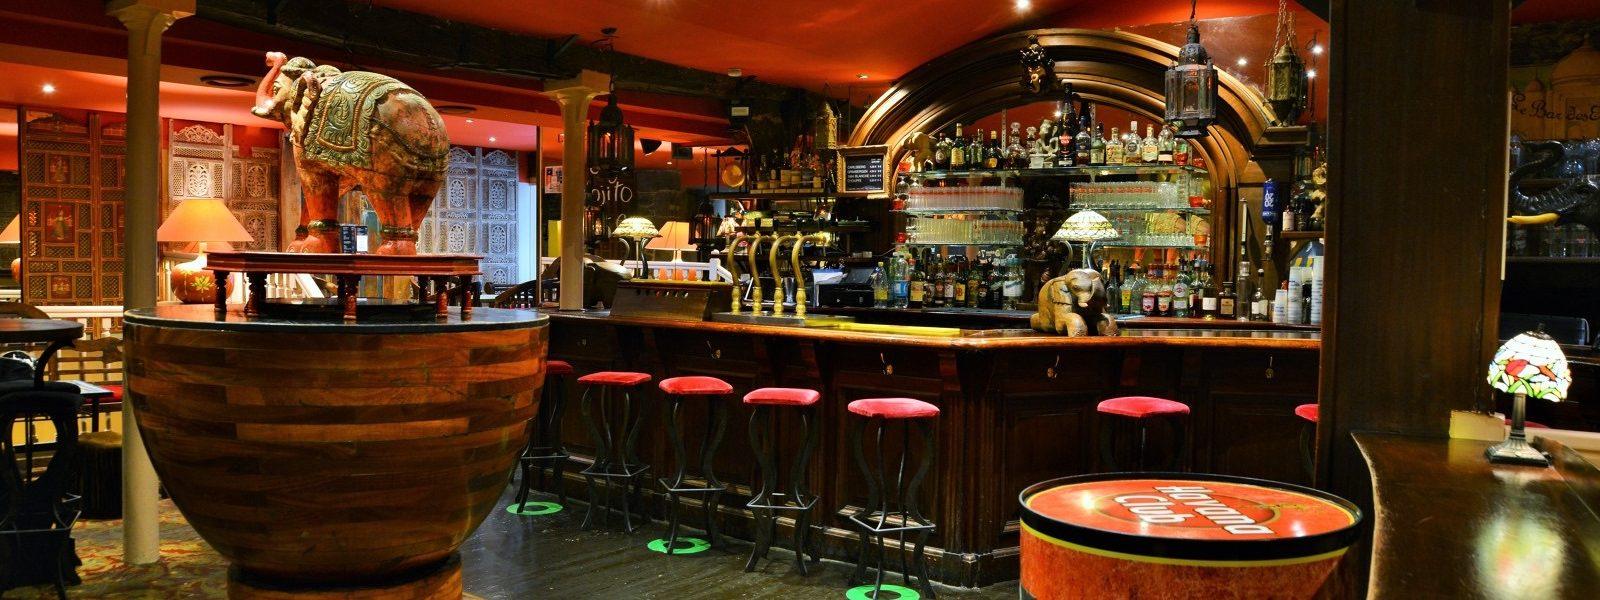 Le bar de nuit La Place